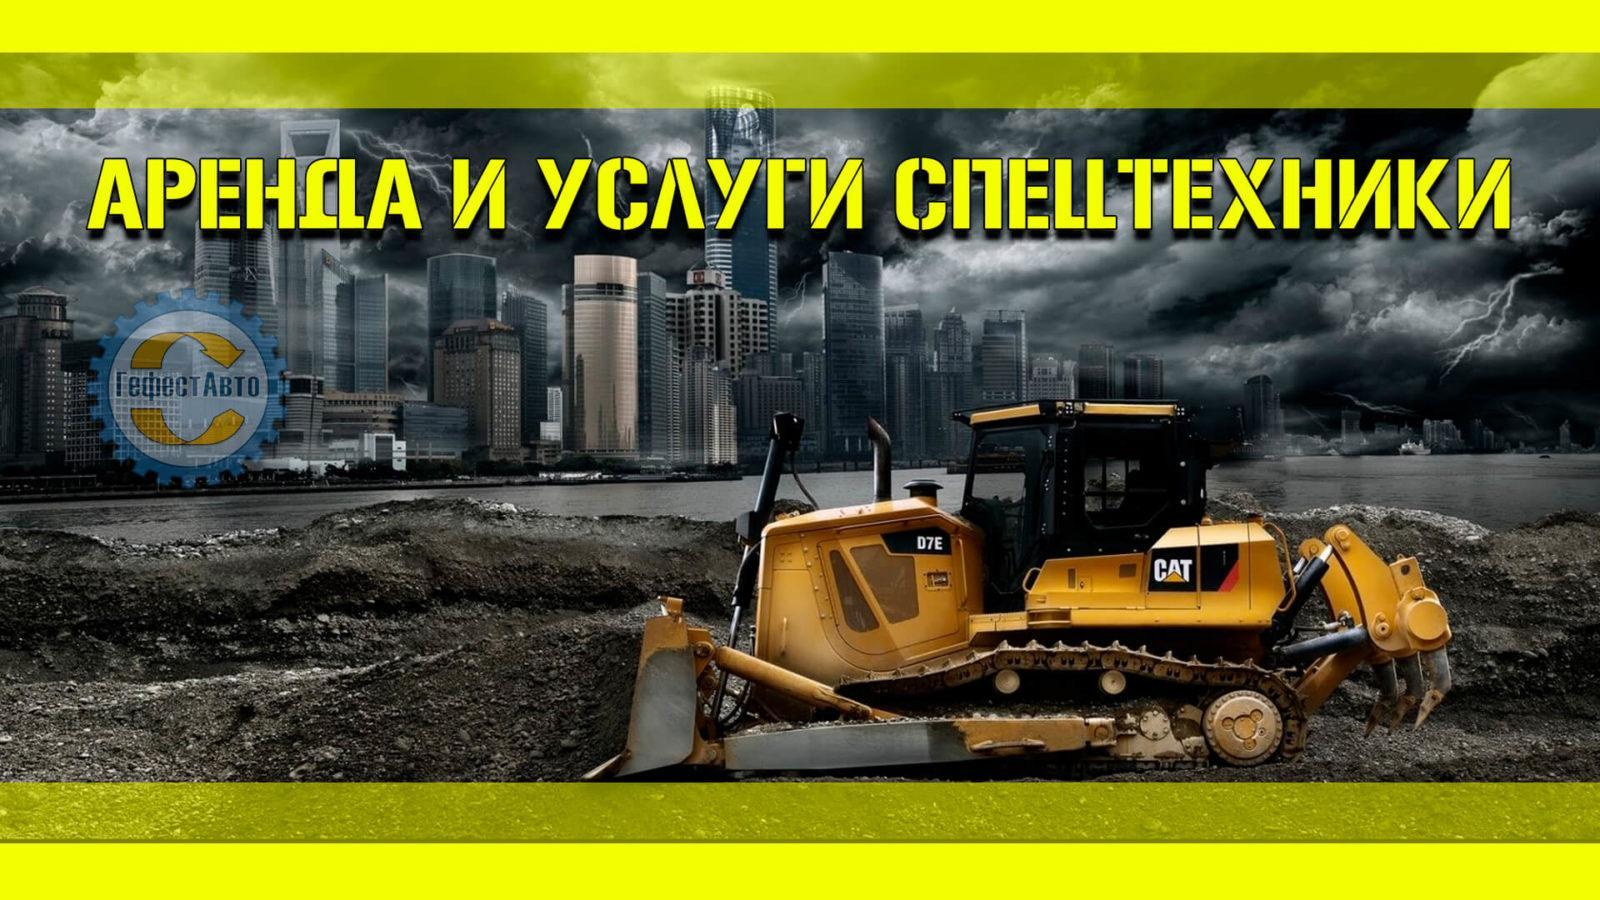 СПЕЦТЕХНИКА-ГЛАВНАЯ-ГЕФЕСТАВТО